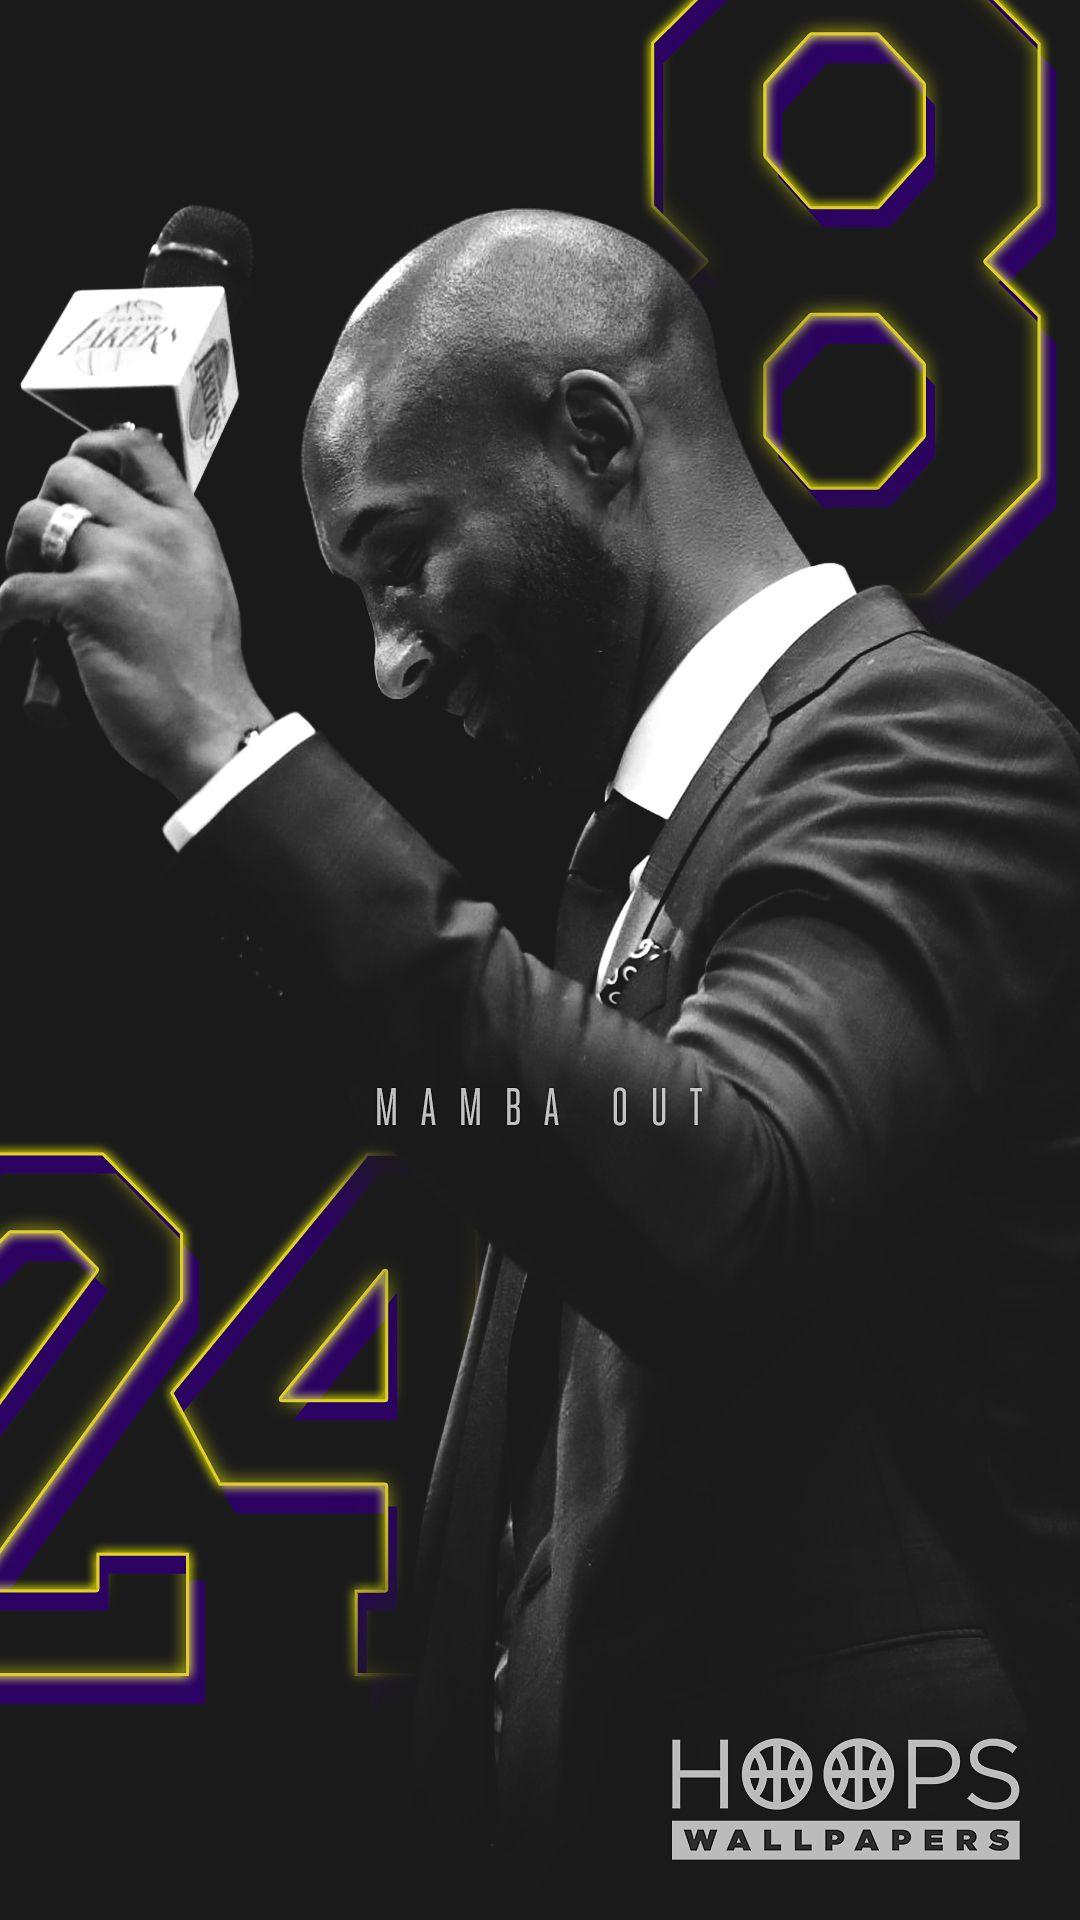 Pin by Angie White on Kobe Bryant Black Mamba (2020